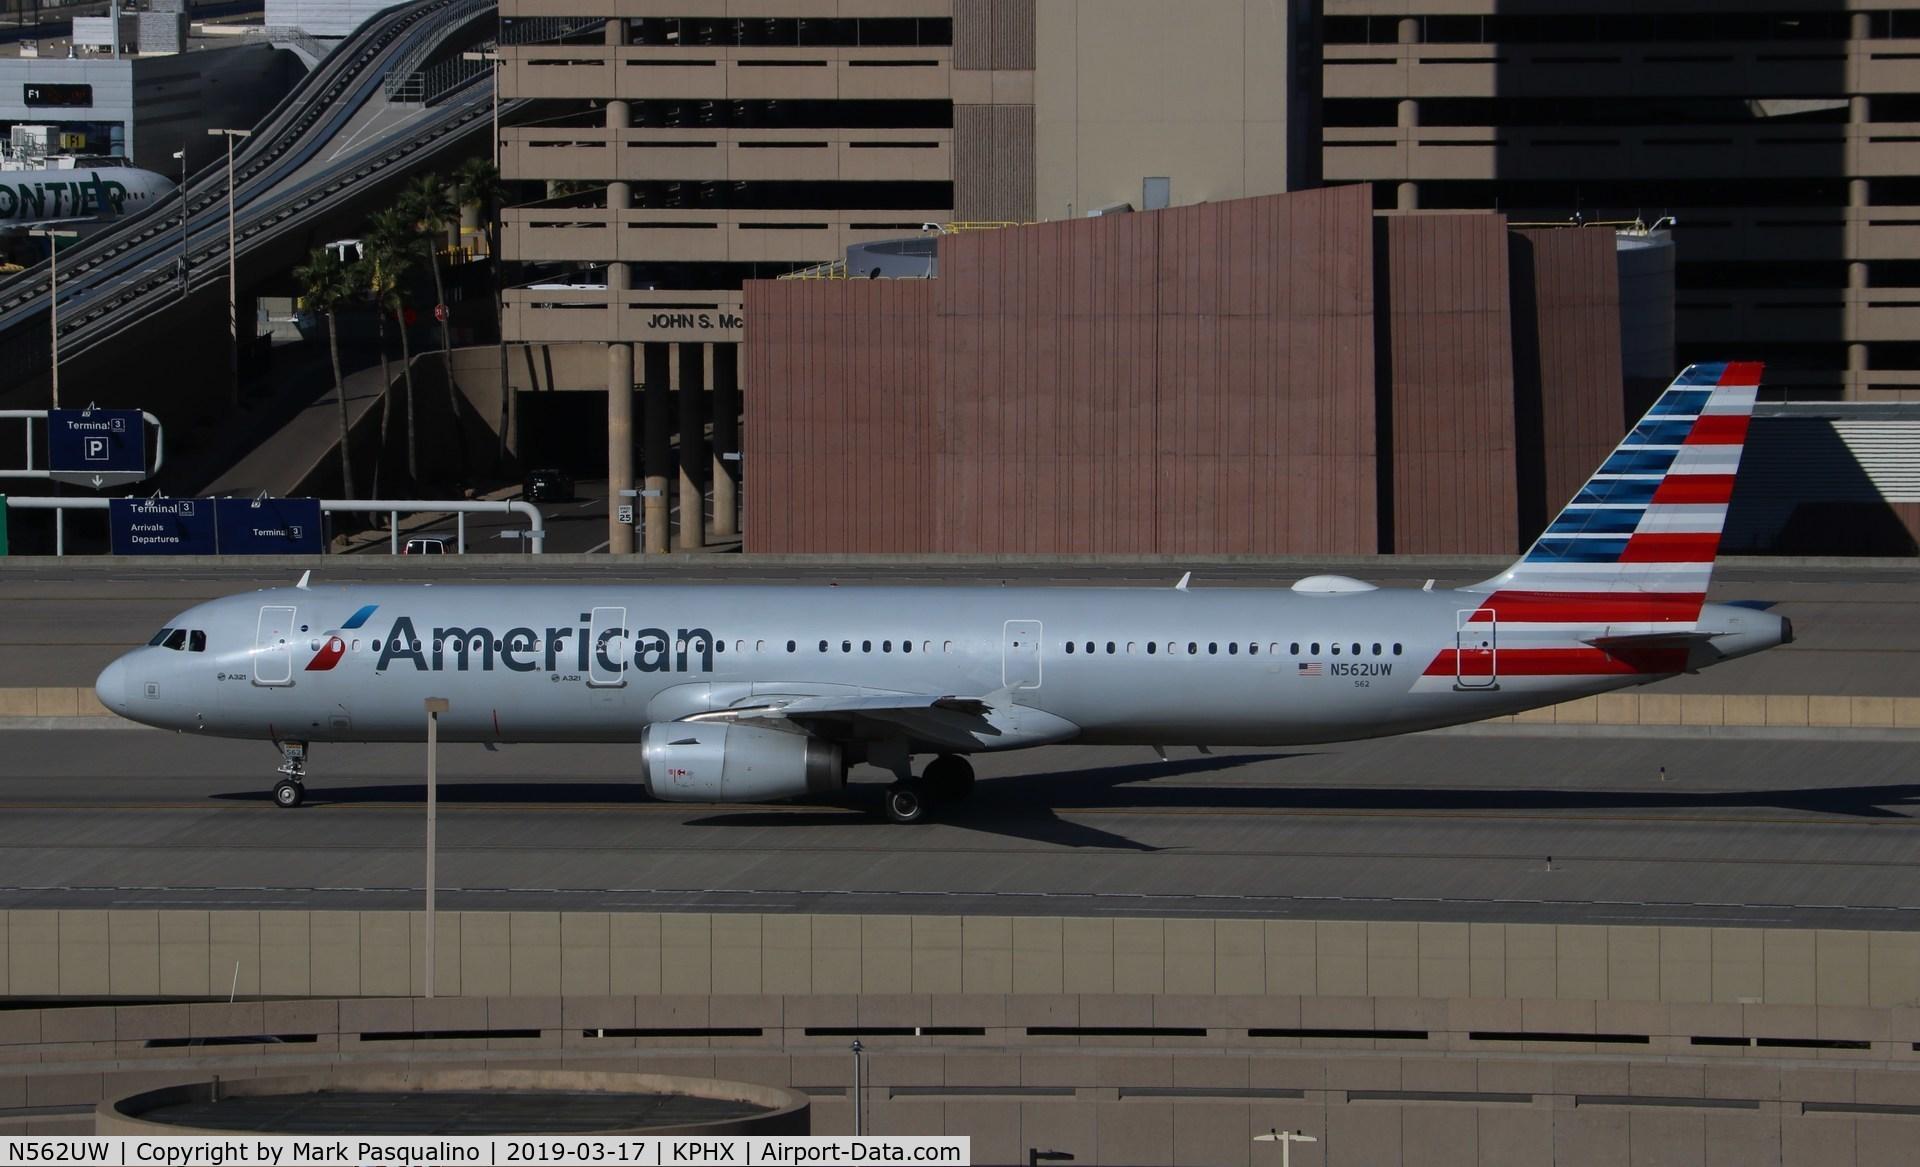 N562UW, 2012 Airbus A321-231 C/N 5332, Airbus A321-231